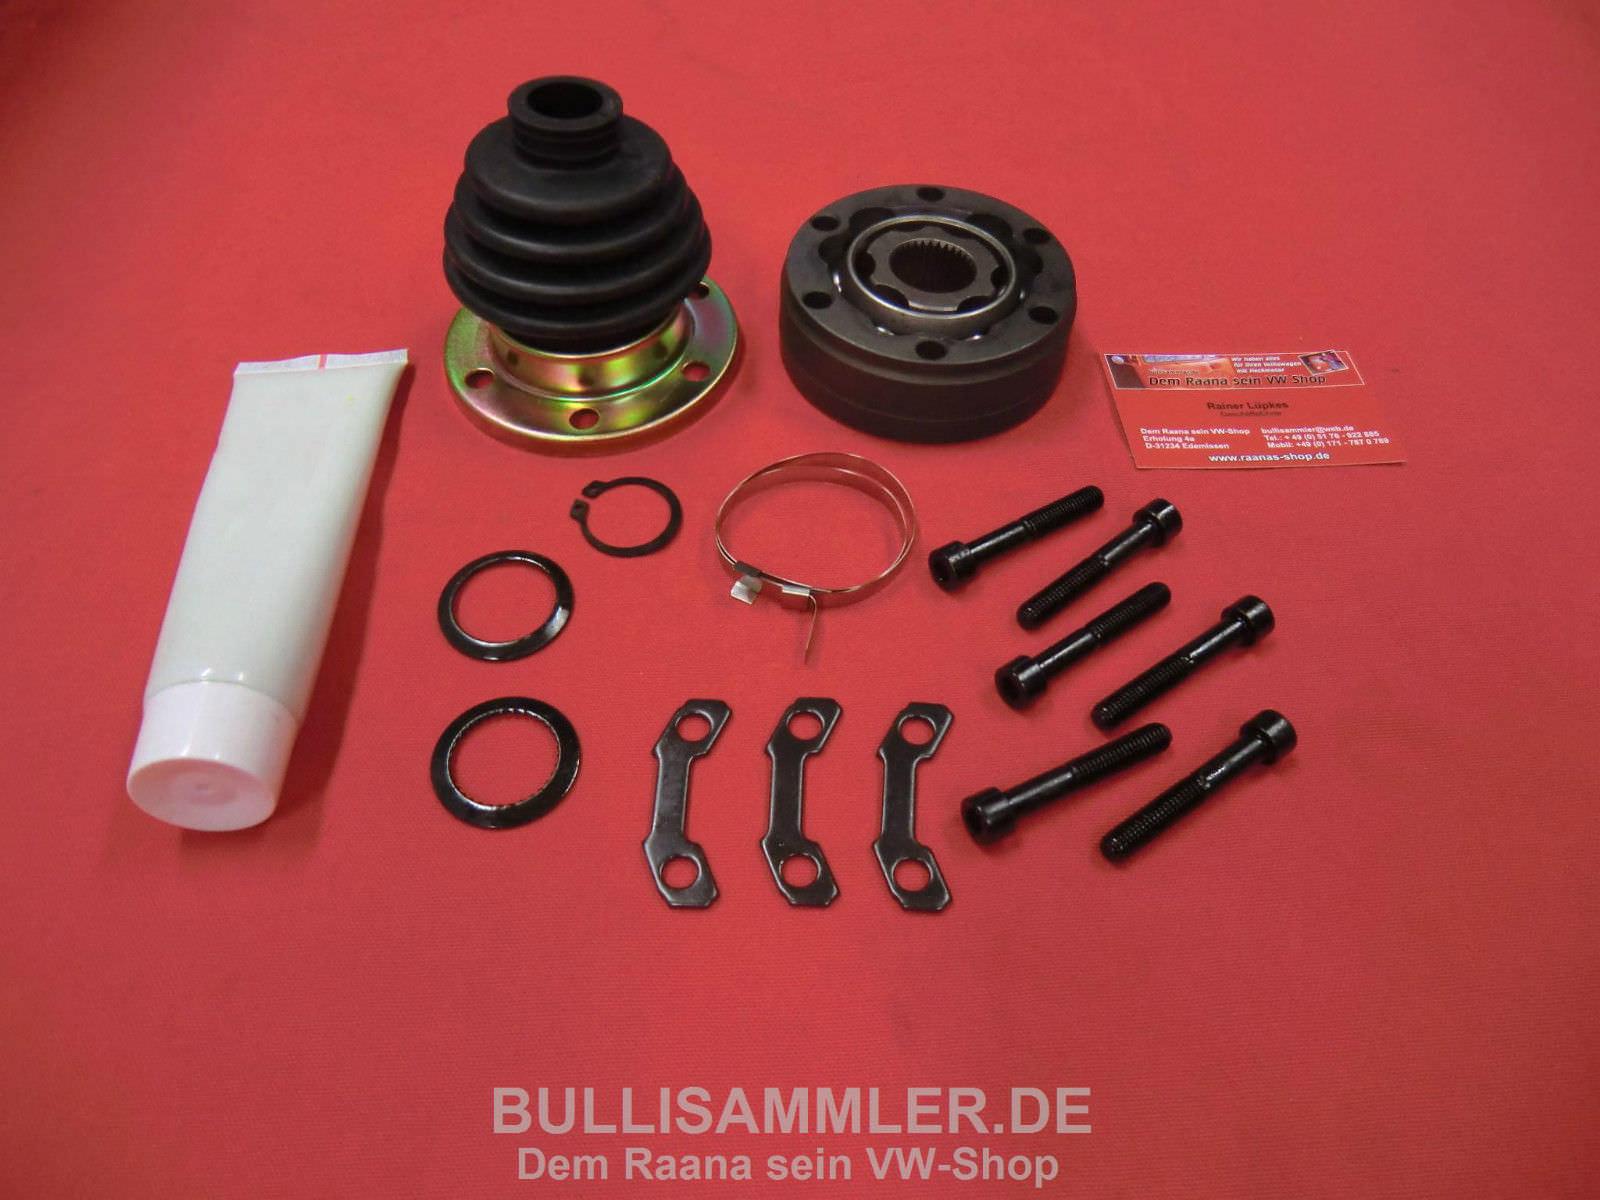 1/T Turbocar 642834/Wagenheber Raute mit Kurbel